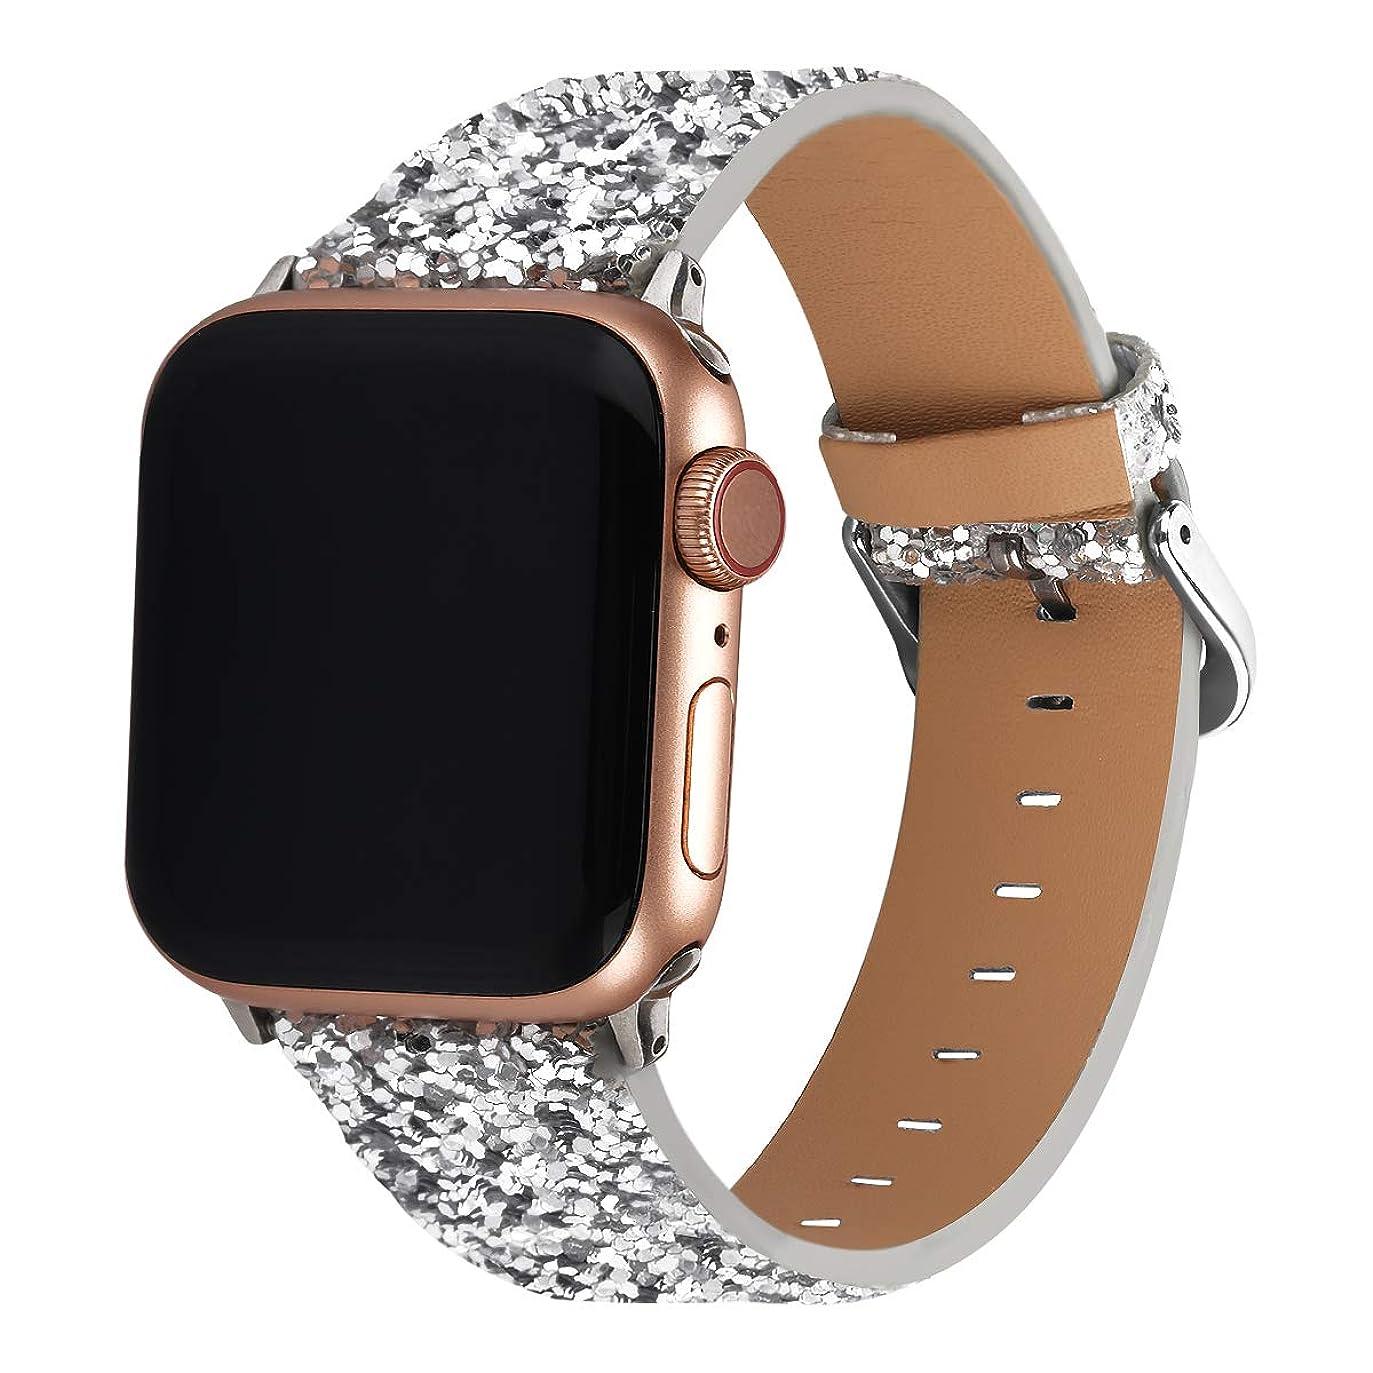 スキッパーガチョウ密輸Doweiss Apple Watch用バンド グリッター 38mm 40mm 42mm 44mm スパークル iWatch 交換用リストバンド Apple Watchシリーズ4/3/2/1対応